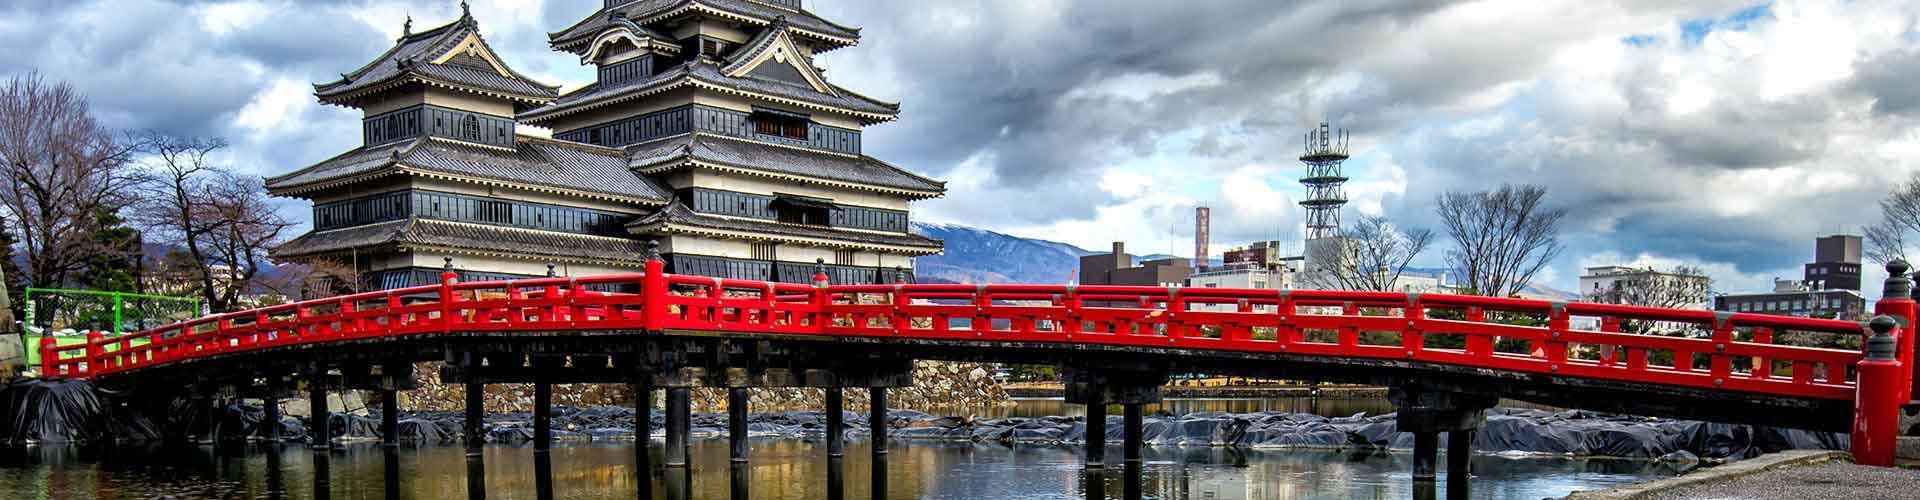 Osaka - Hôtels à Osaka. Cartes pour Osaka, photos et commentaires pour chaque hôtel à Osaka.